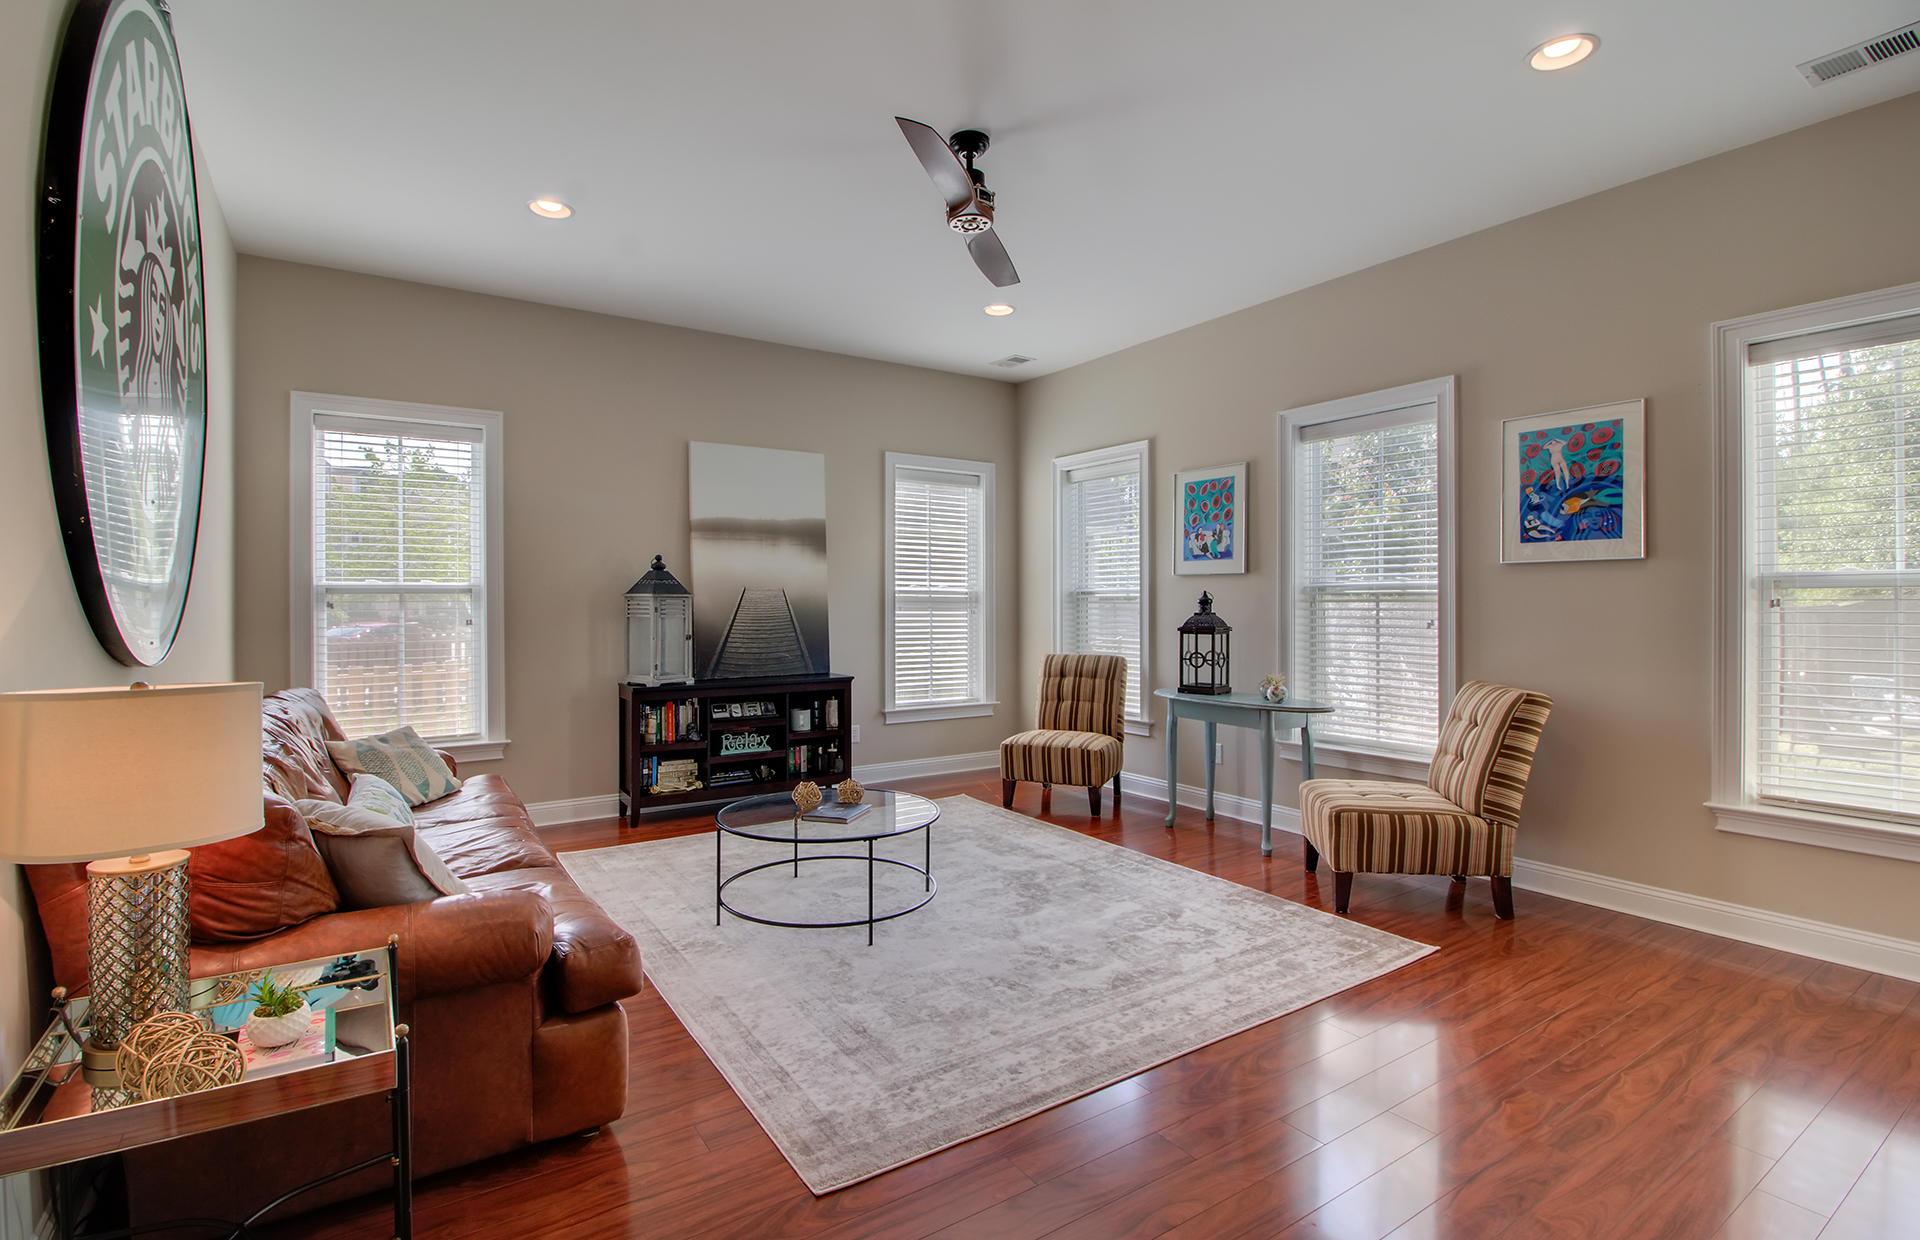 Boltons Landing Homes For Sale - 1749 Batten, Charleston, SC - 14